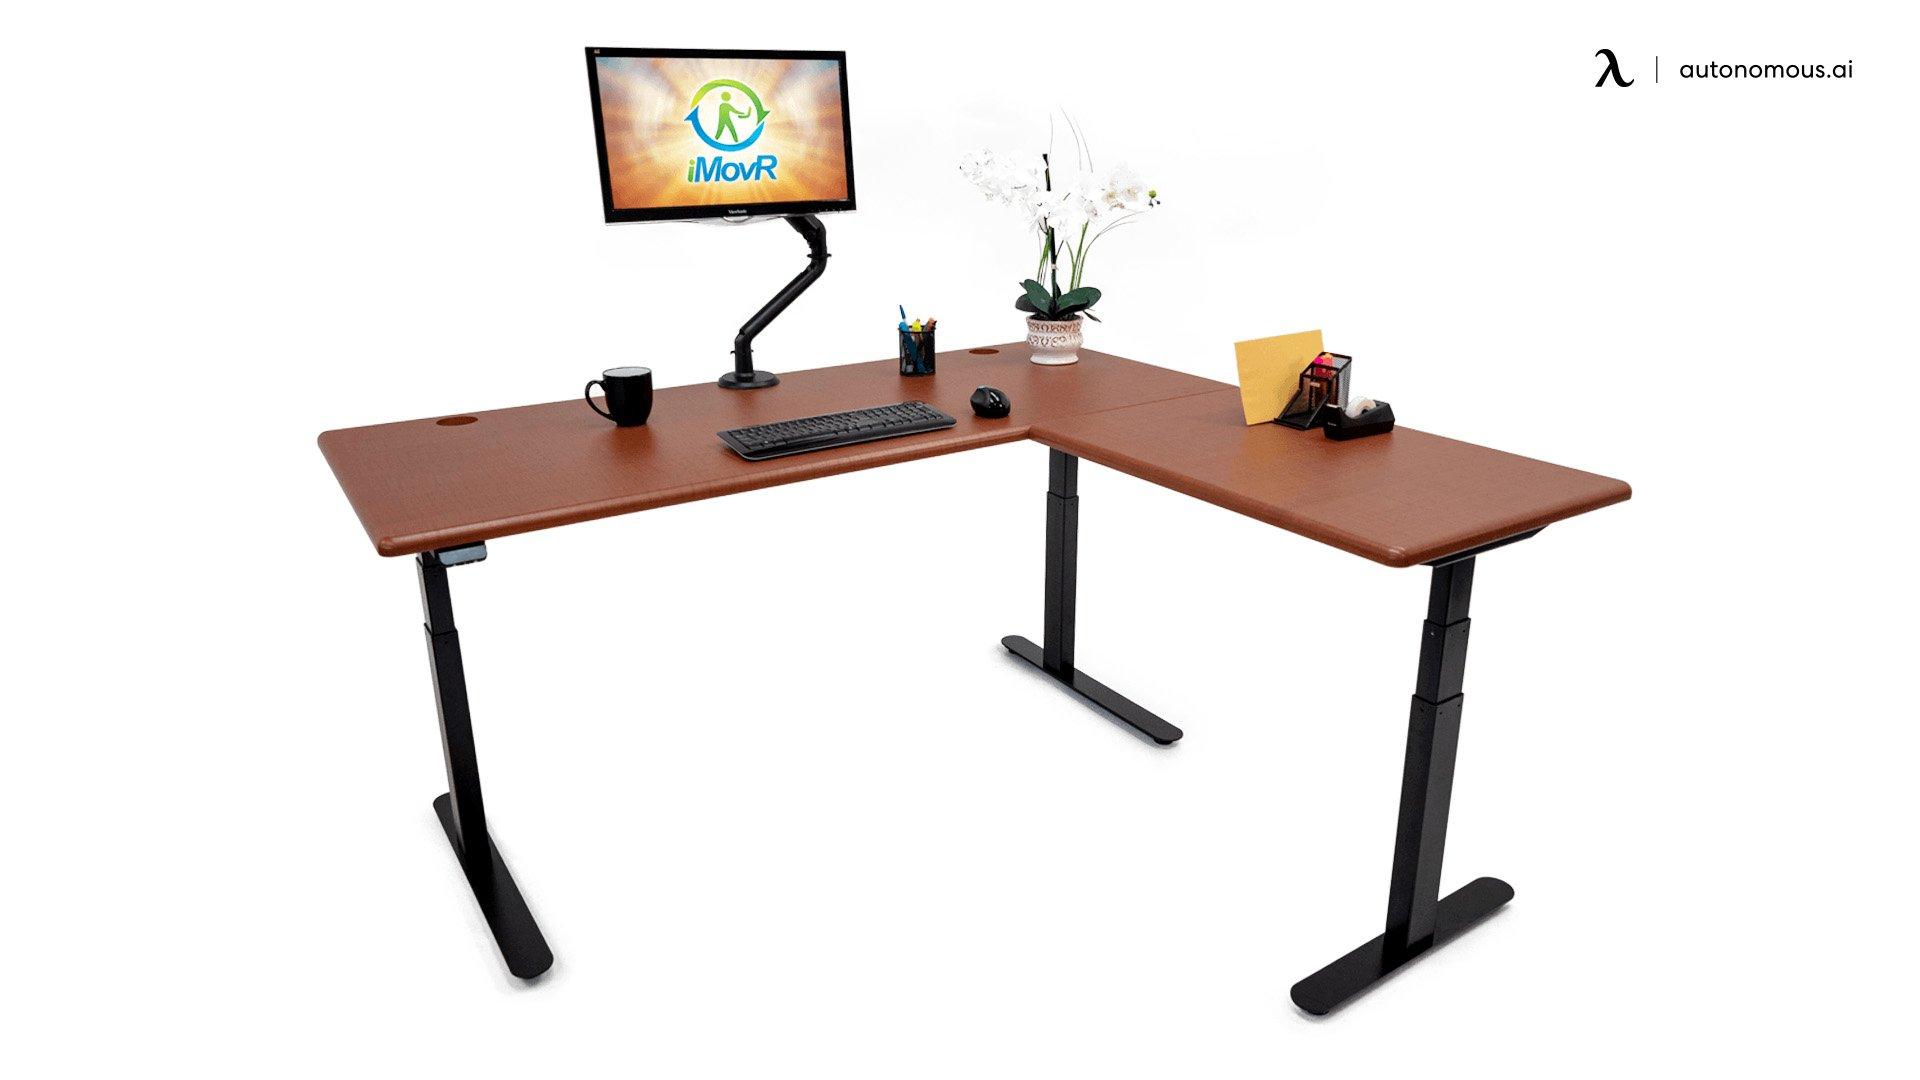 iMovR Lander L-Shaped Standing Desk